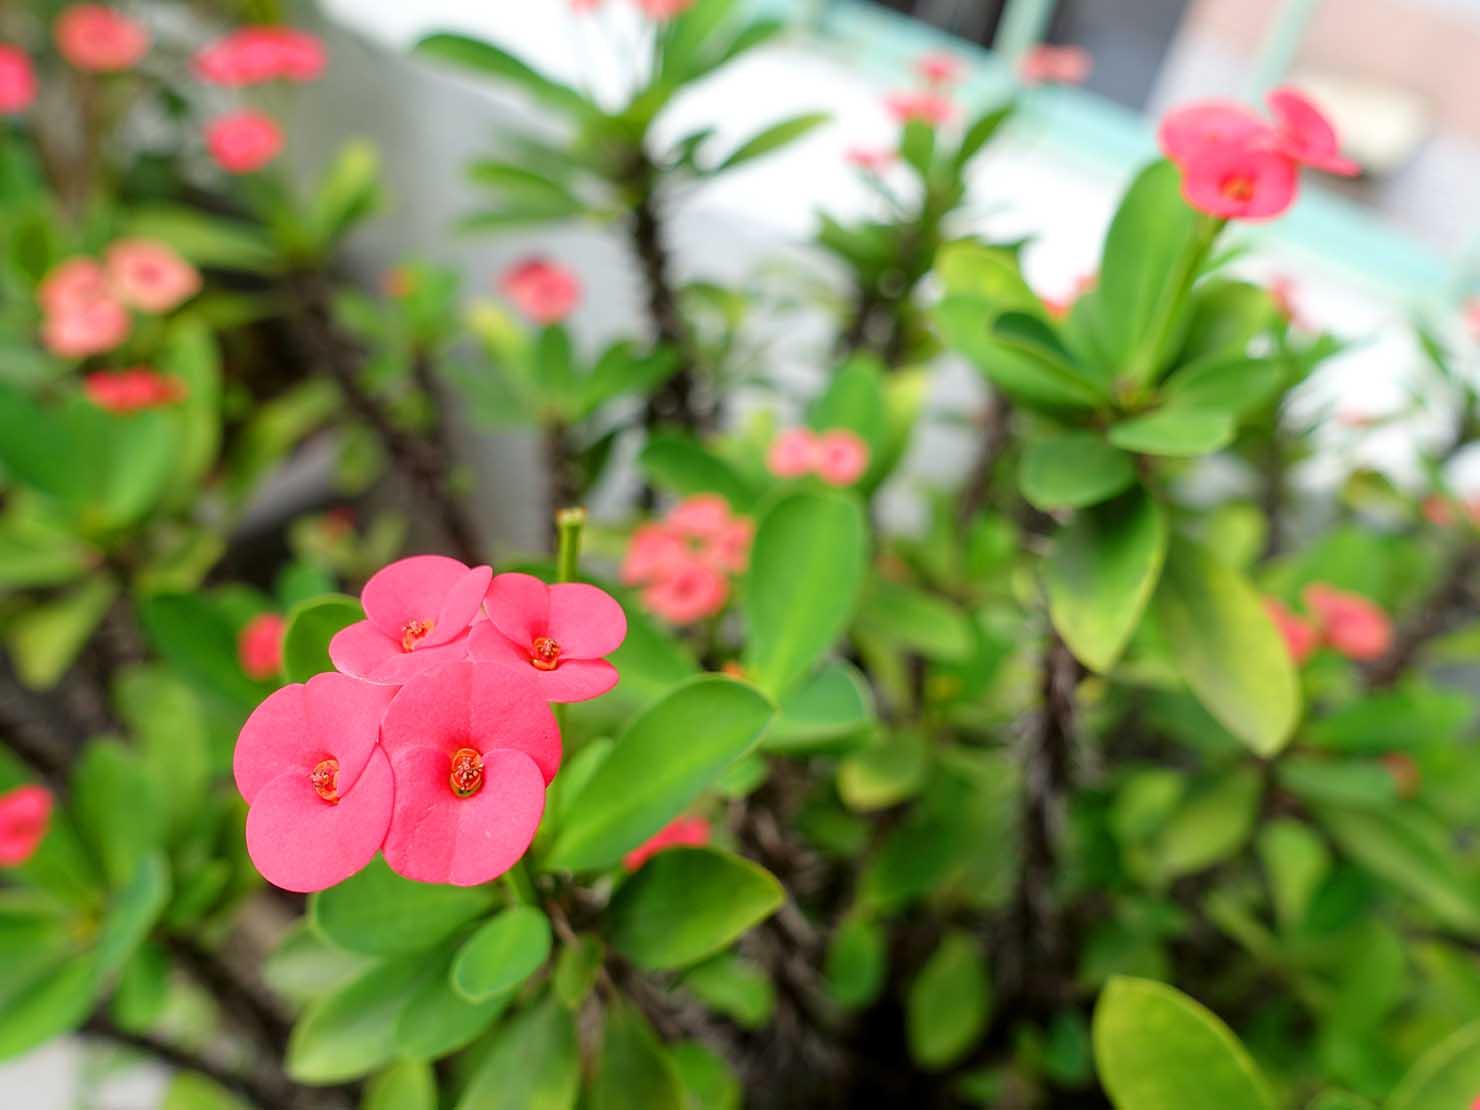 台湾でよく見かける植物「麒麟花(ハナキリン)」の花